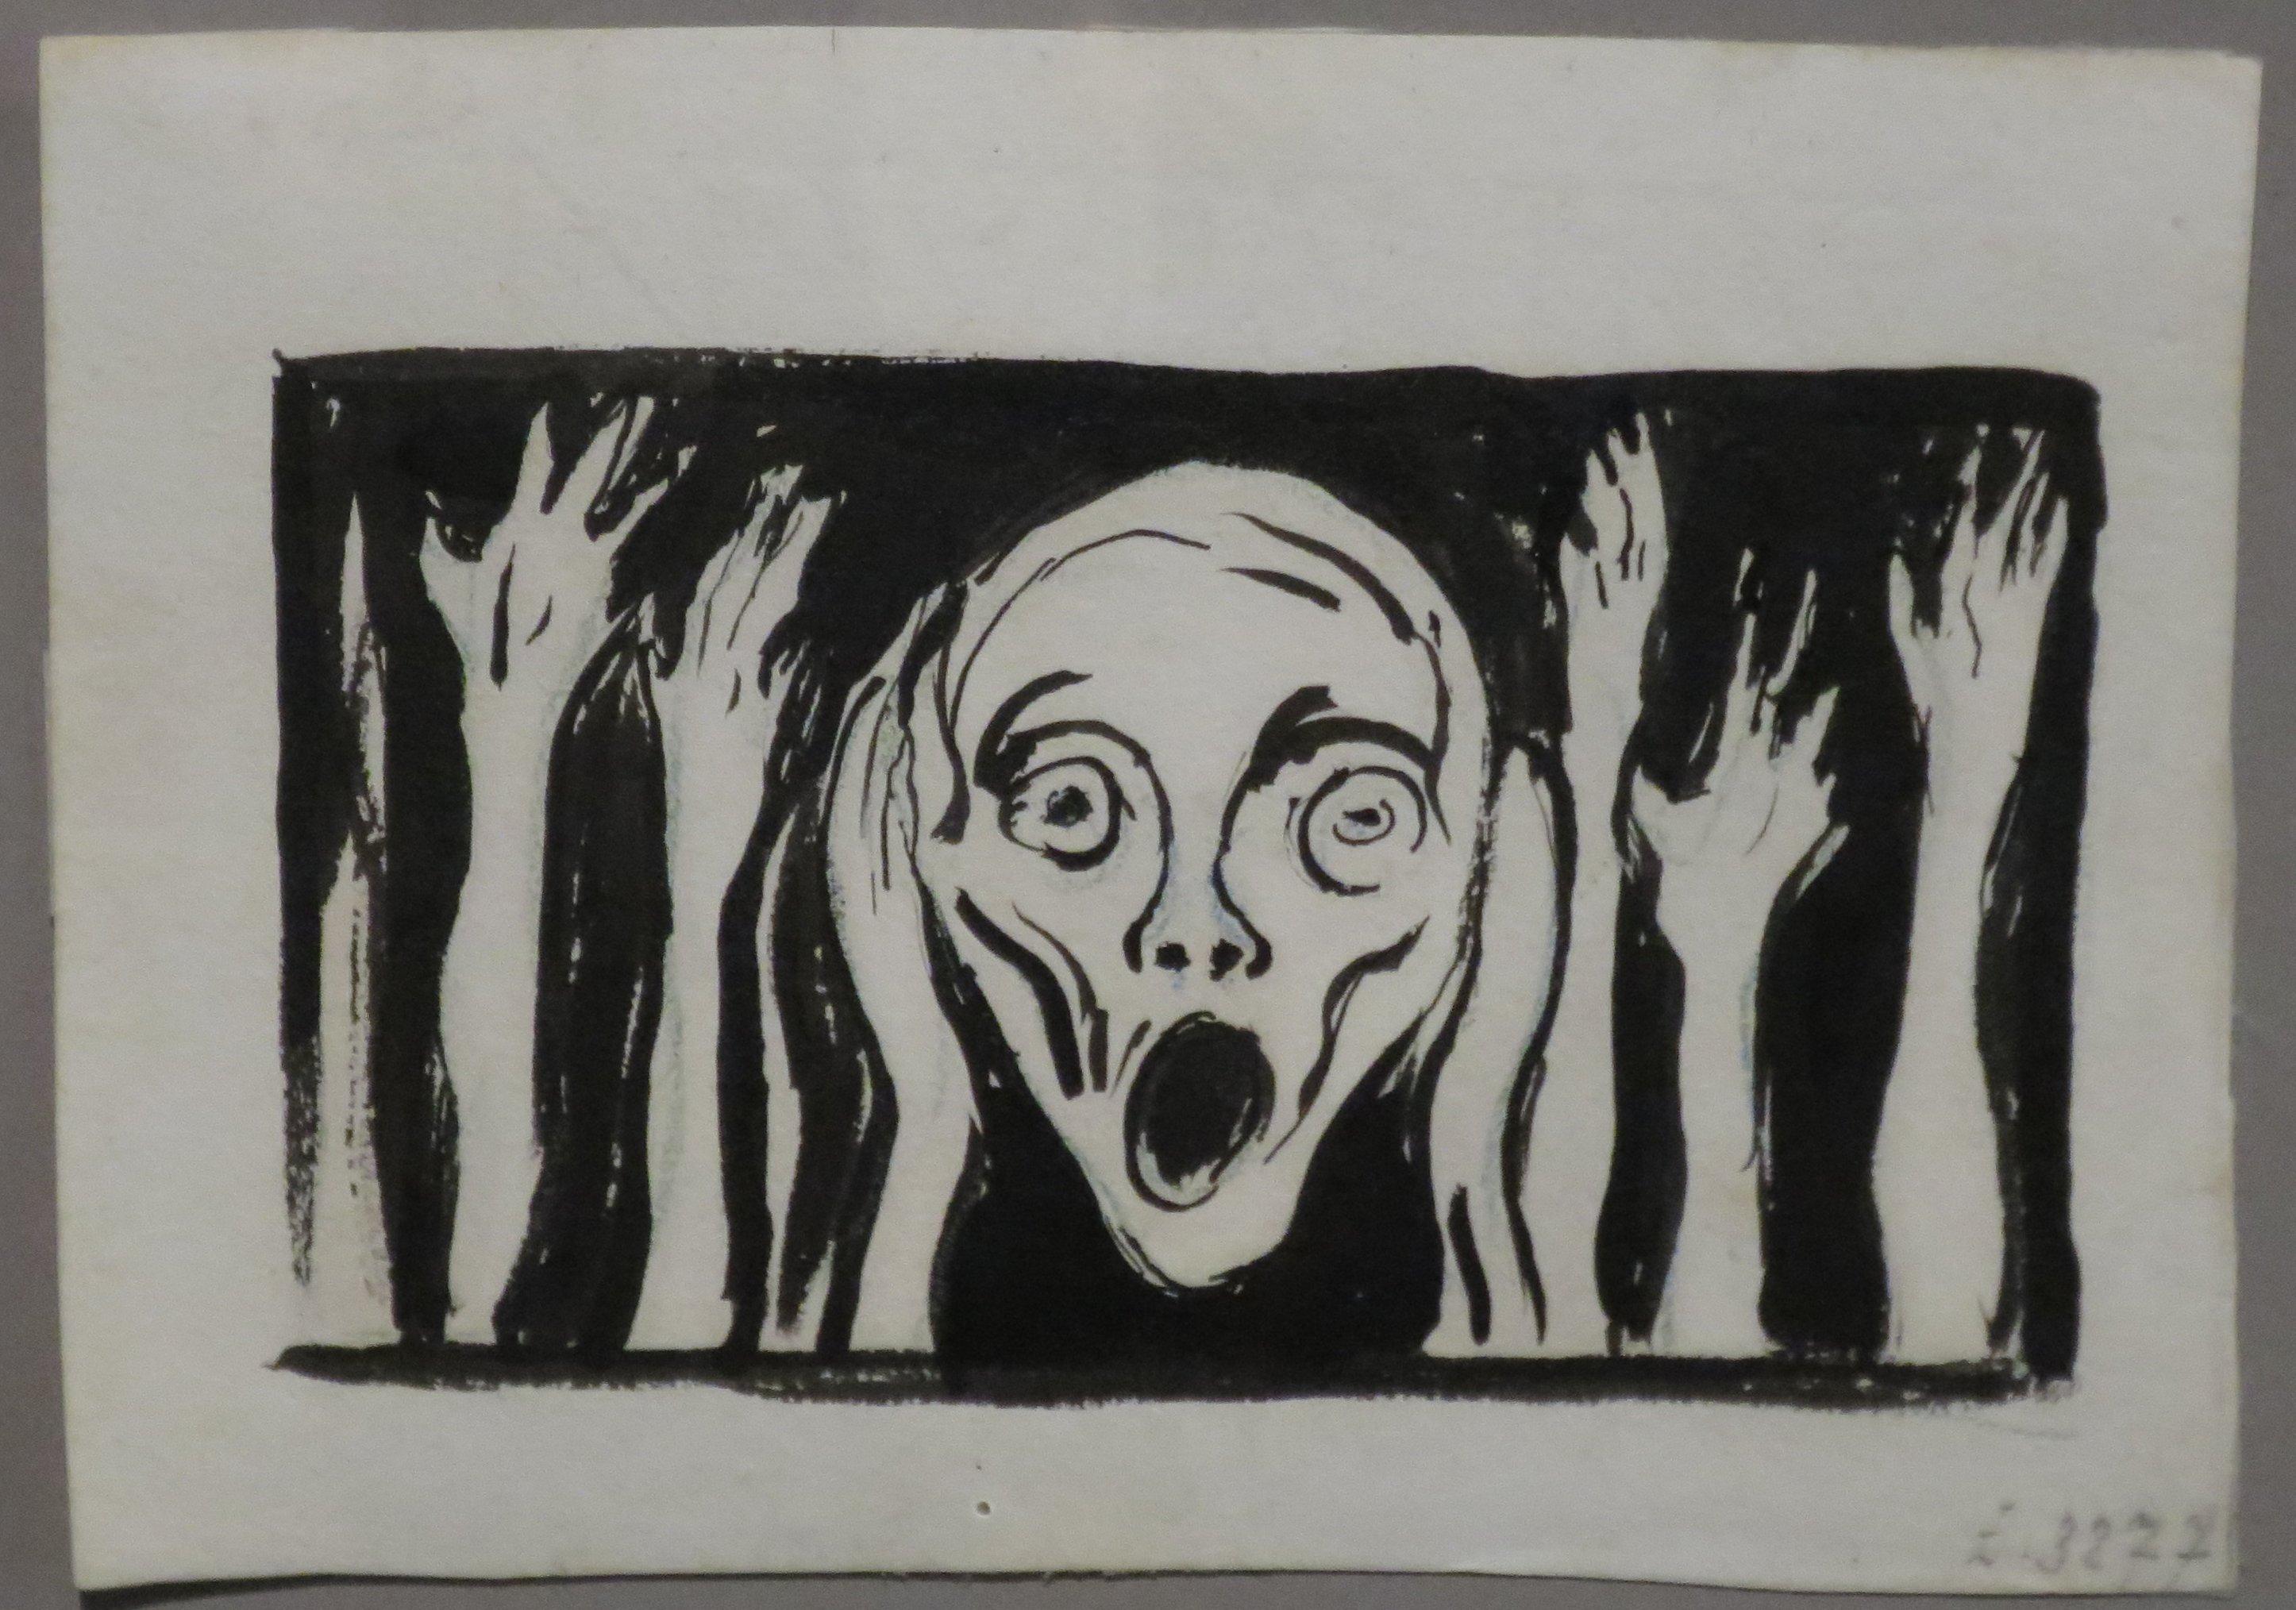 """""""Skrik – Schrei"""" –Edvard Munch (1863-1944) Bergen Kunstmuseum, Federzeichnung, undatiert"""